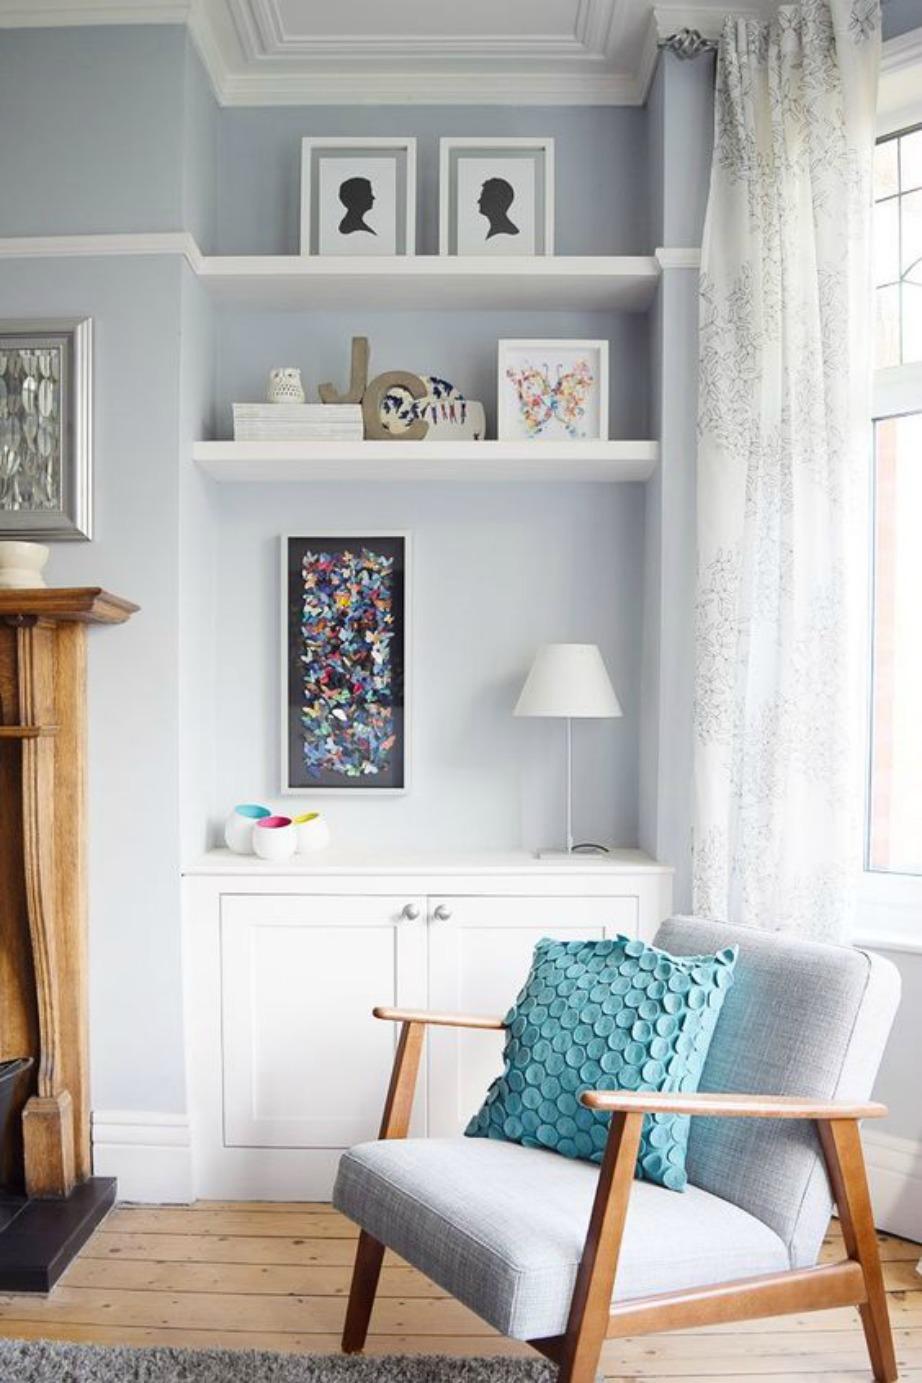 Η πολυθρόνα είναι απαραίτητο στοιχείο για ένα άνετο και παραδεισένιο υπνοδωμάτιο, αν φυσικά ο χώρος το επιτρέπει.